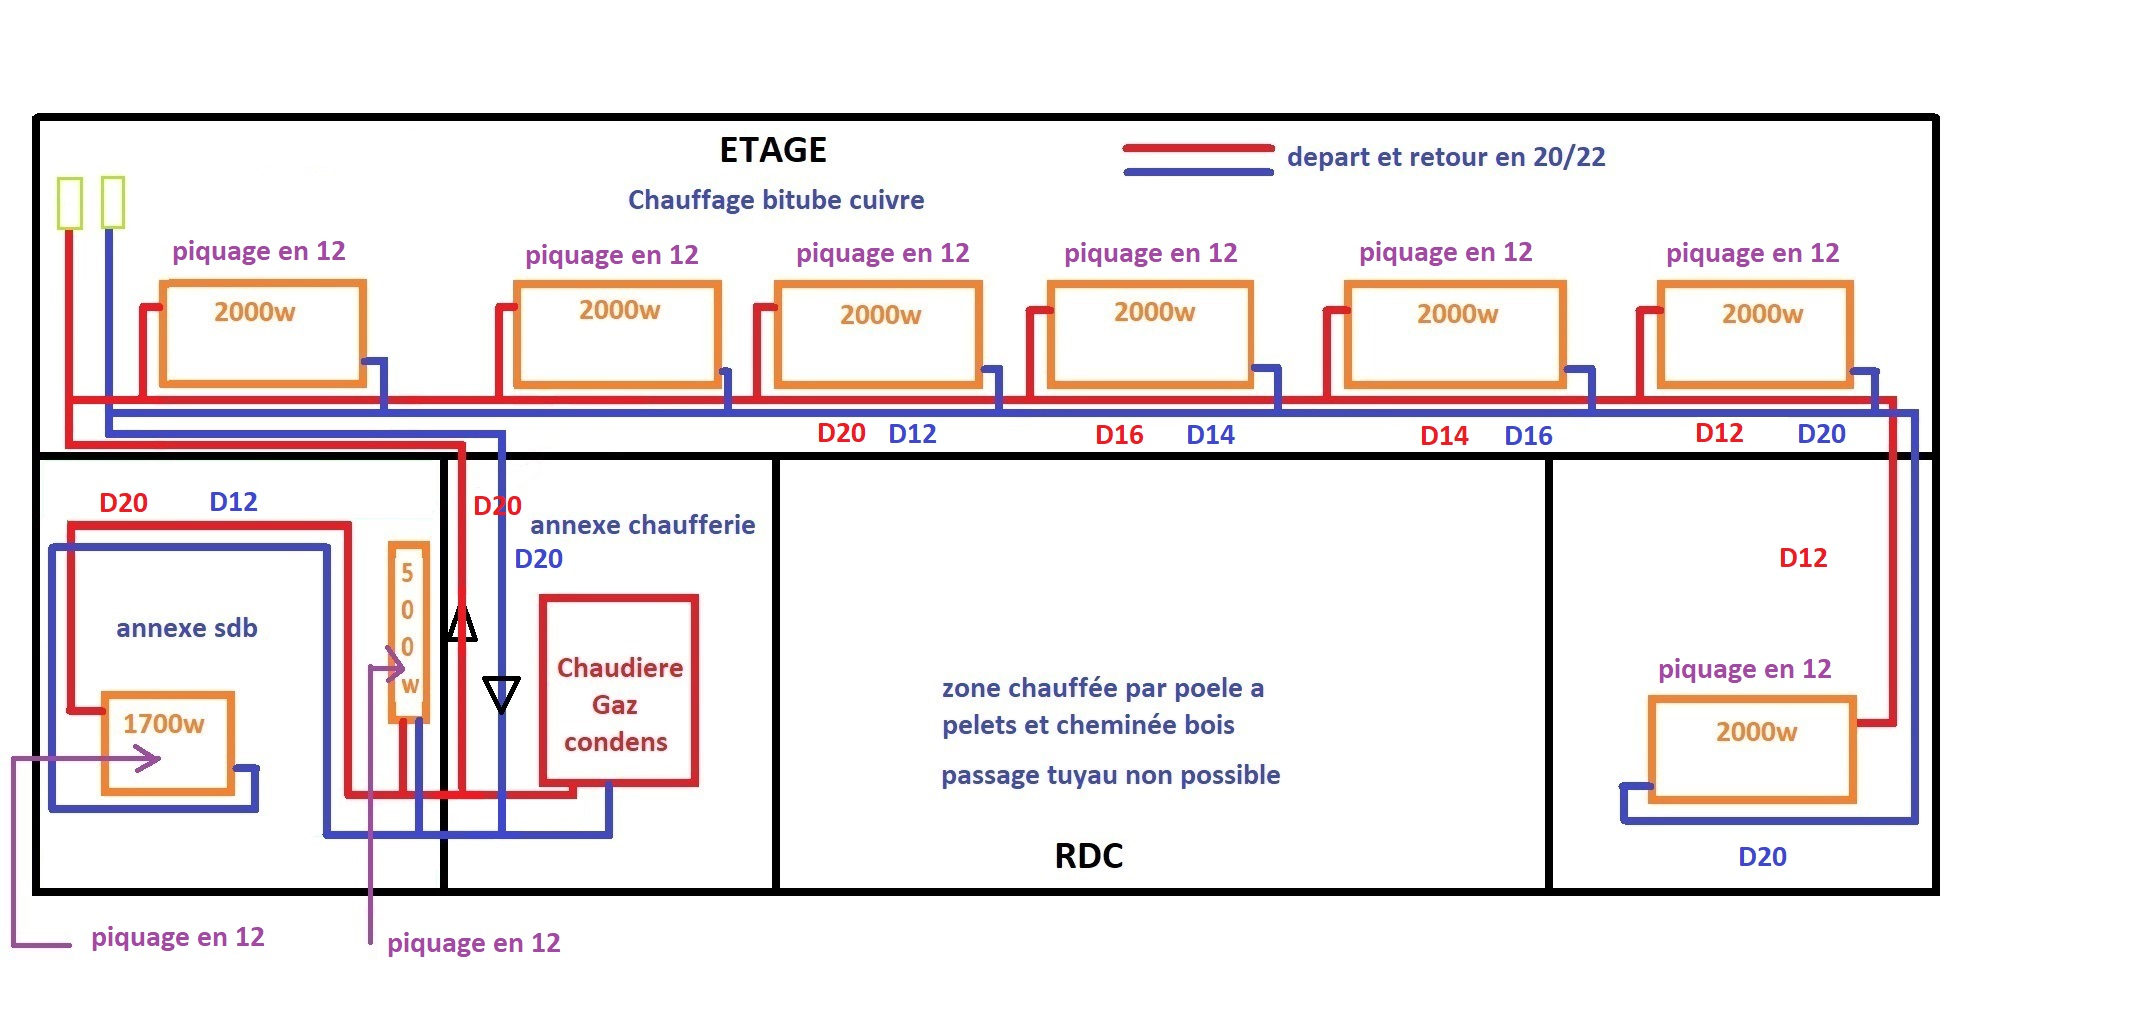 chema-perso3.jpg, 287.68 kb, 2155 x 1033